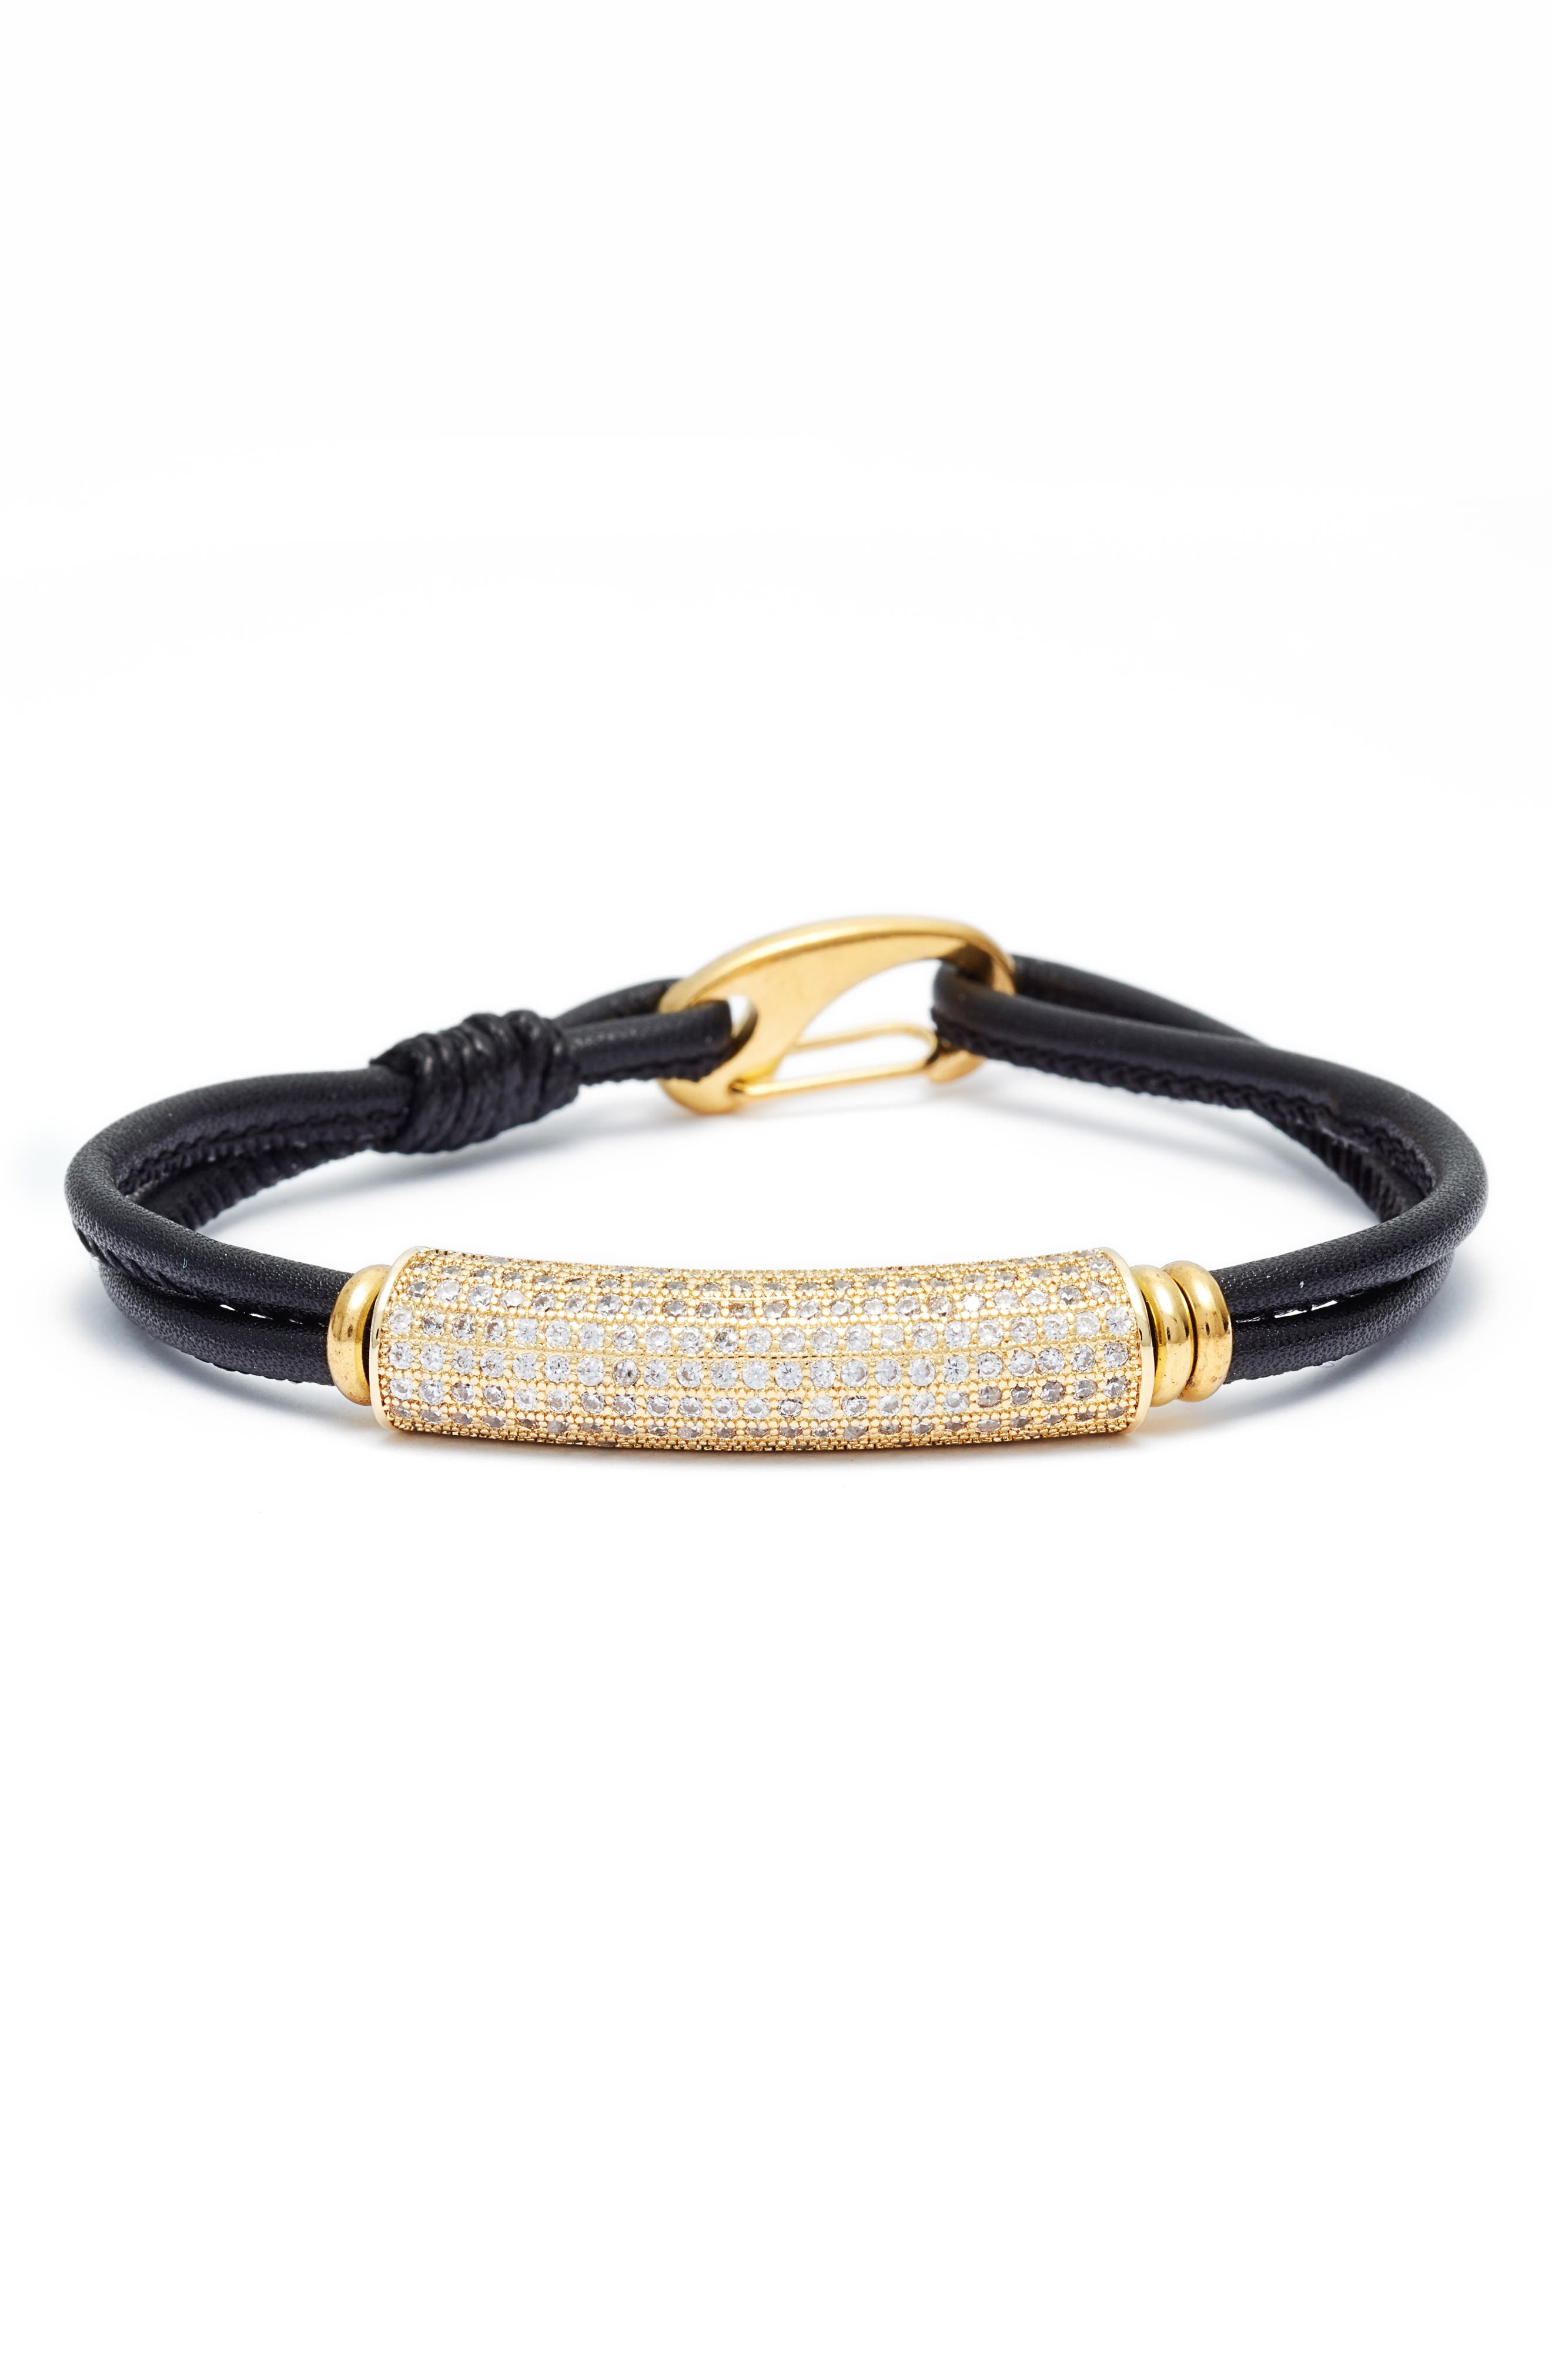 ELISE M. Sorella Leather Bracelet